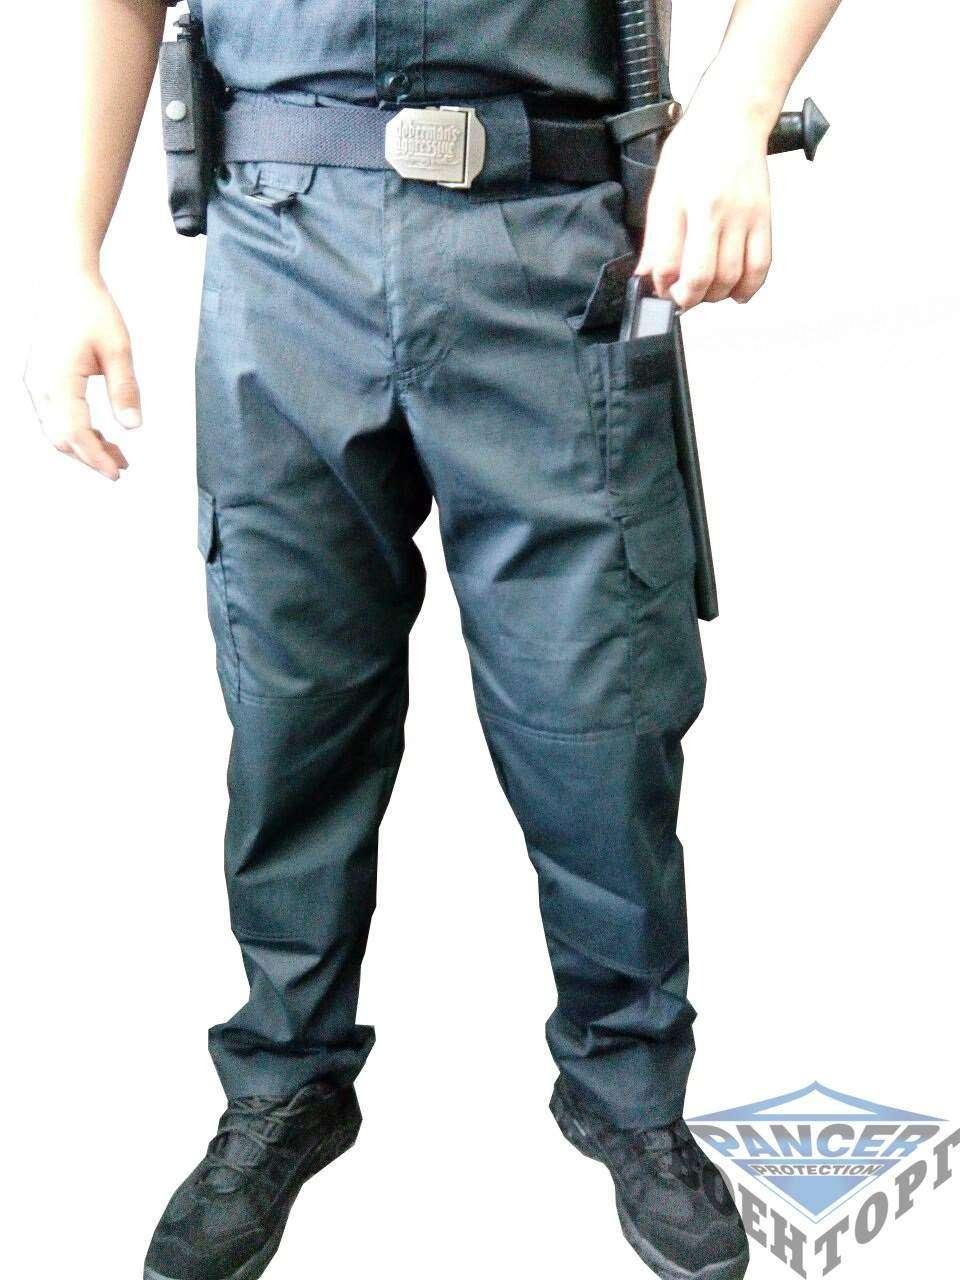 Тактичні штани ріп-стоп чорні Pancer